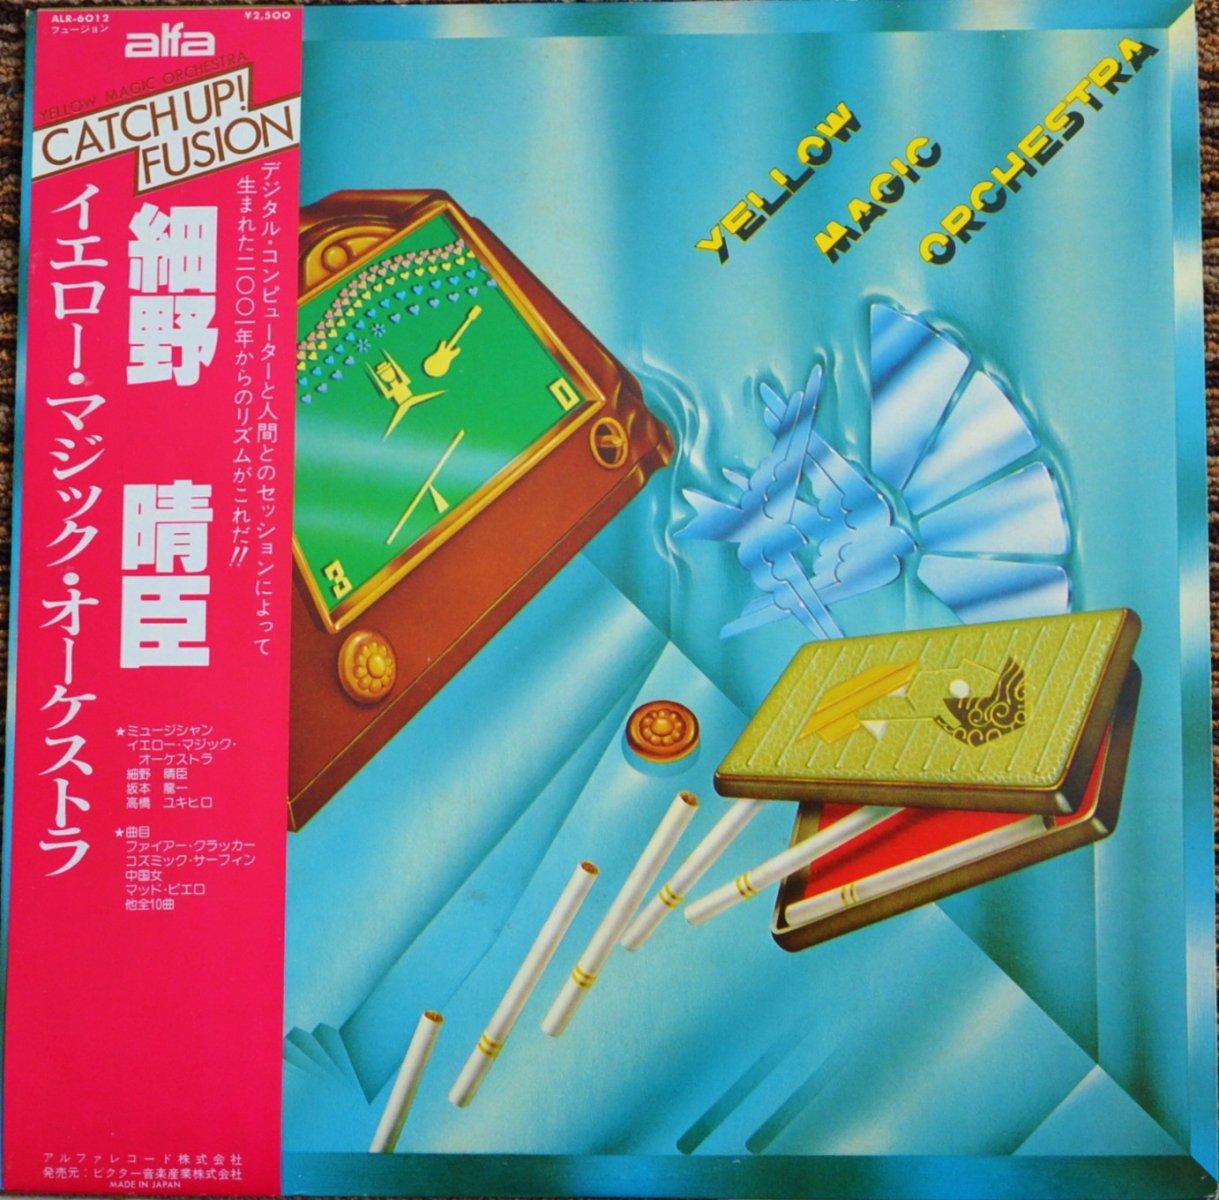 イエロー・マジック・オーケストラ YELLOW MAGIC ORCHESTRA (細野晴臣,HARUOMI HOSONO) / YELLOW MAGIC ORCHESTRA (LP)